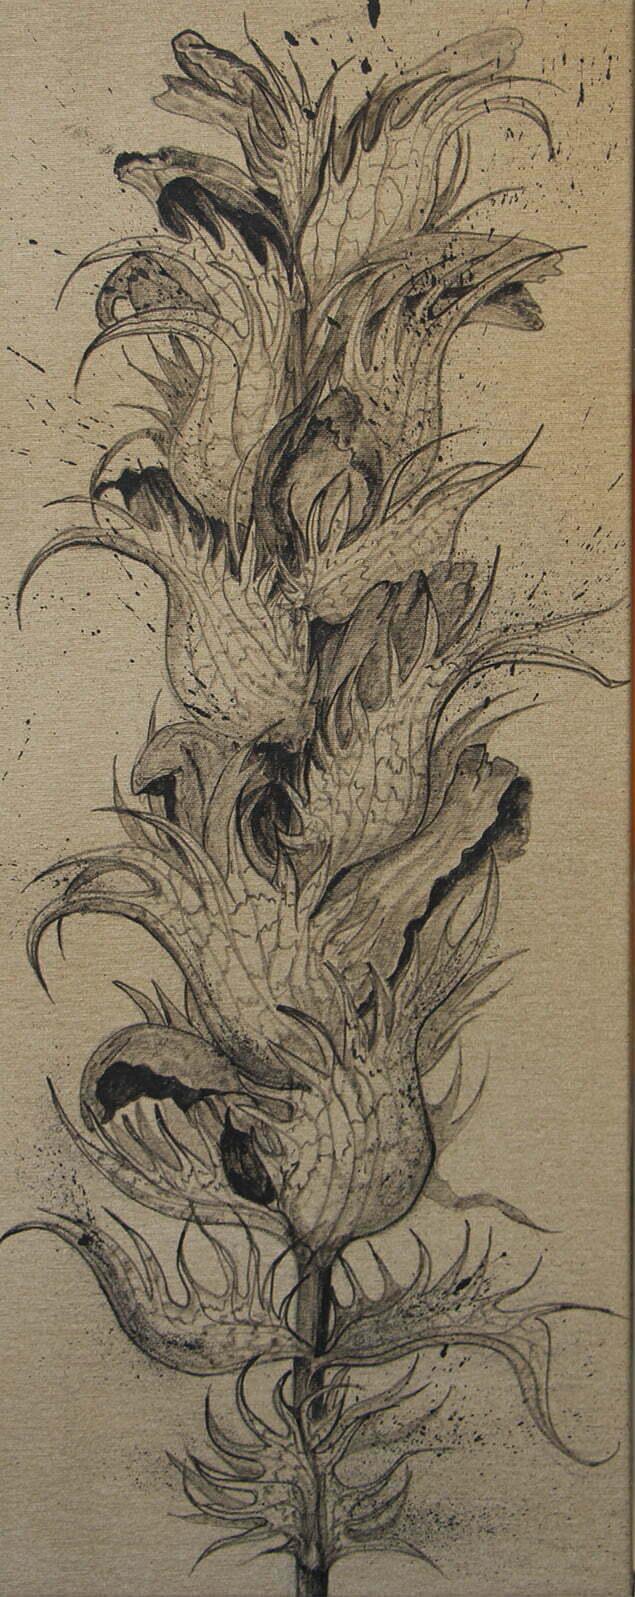 Fleur d'acanthe sèche - 6 octobre 2020 - 40 x 100 cm  - encre de Chine sur toile - collection particulière.